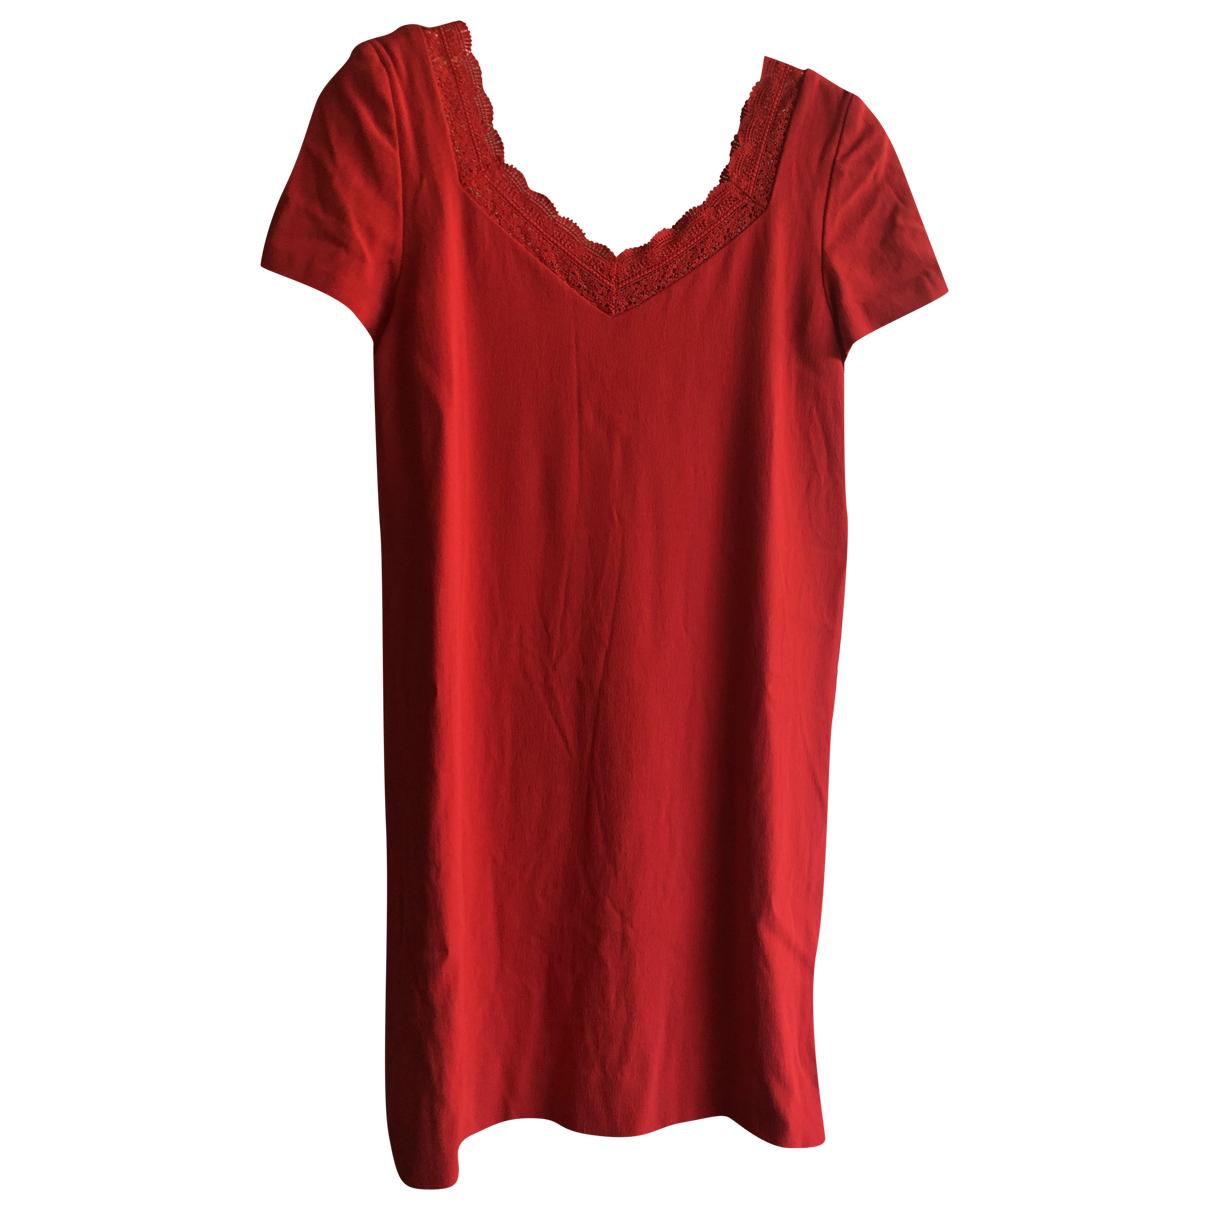 Sézane Spring Summer 2019 Red dress for Women 36 FR